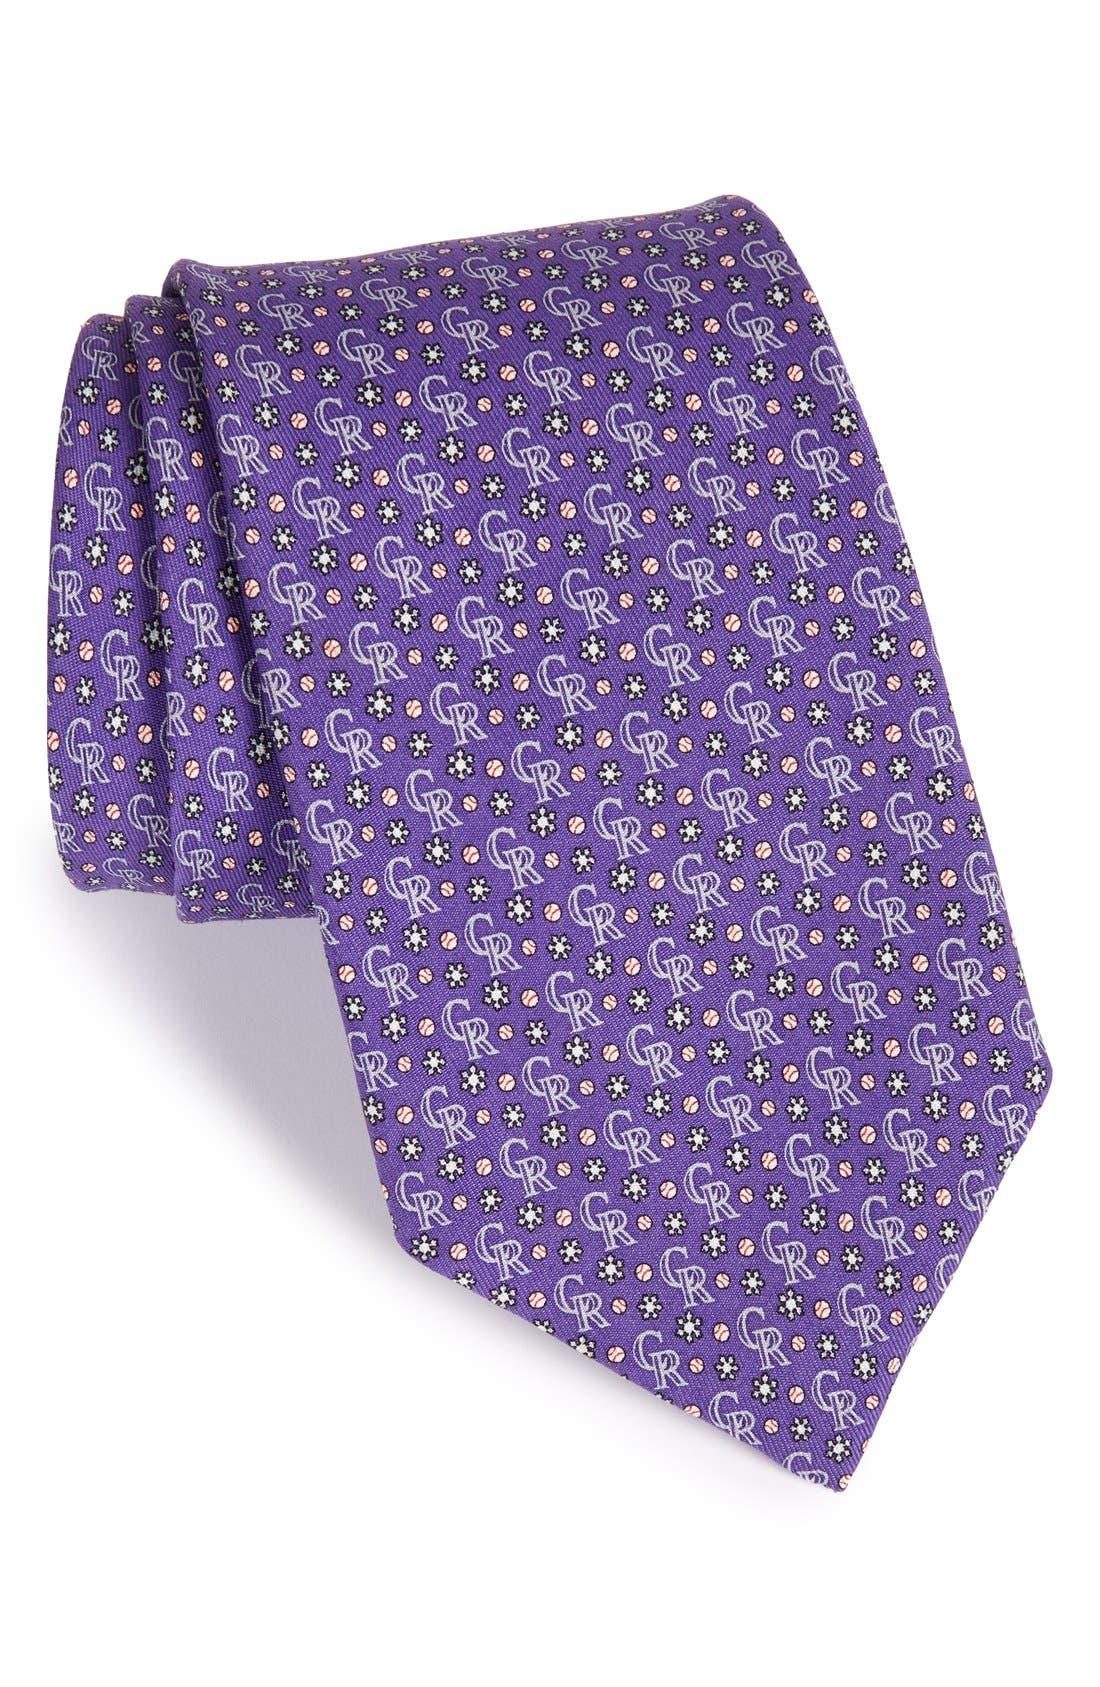 'Colorado Rockies' Woven Silk Tie,                         Main,                         color, Purple